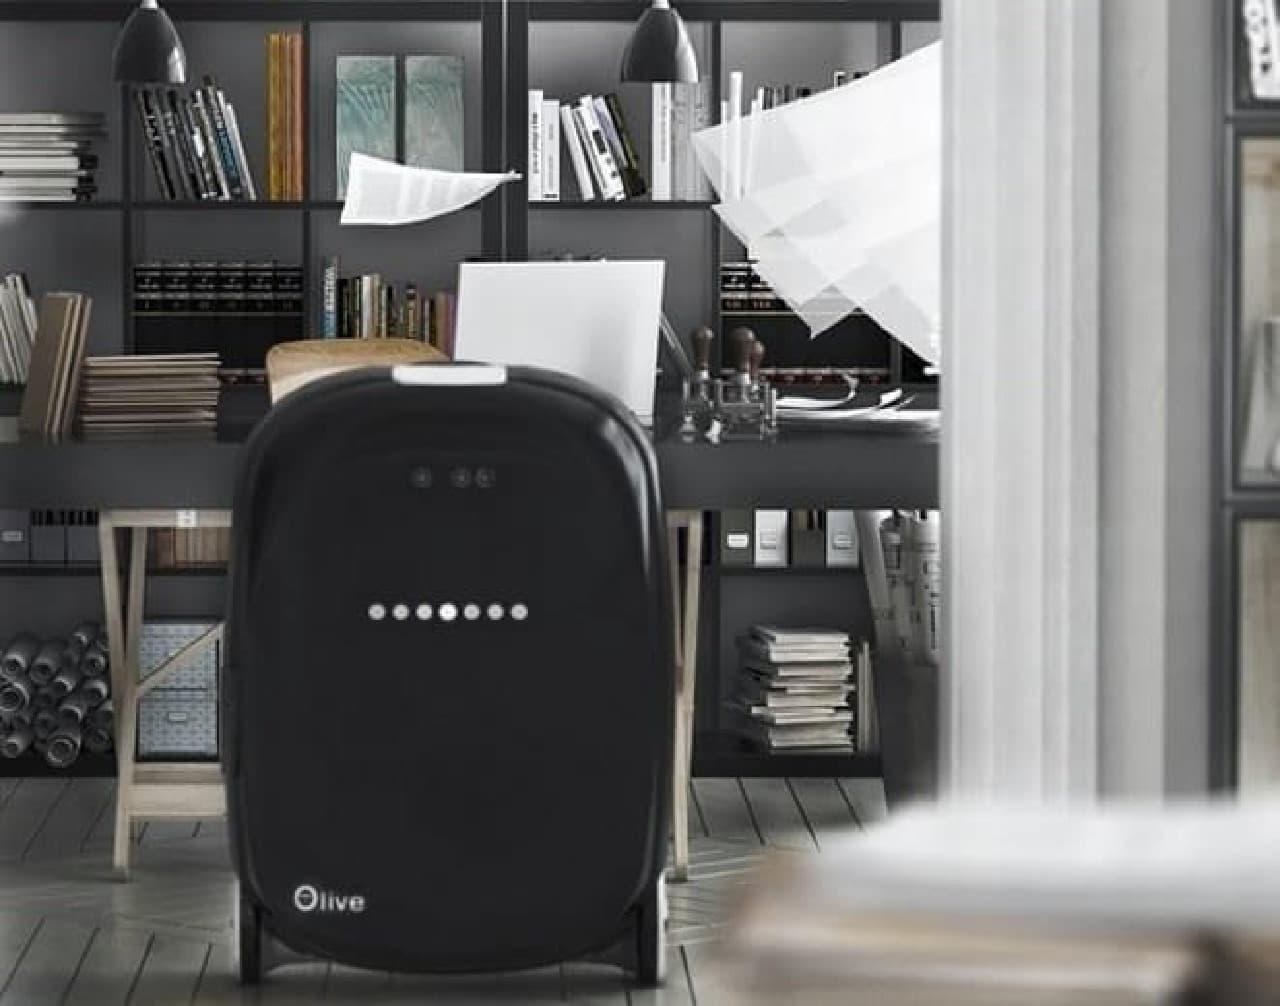 ロボットスーツケース 「Olive」